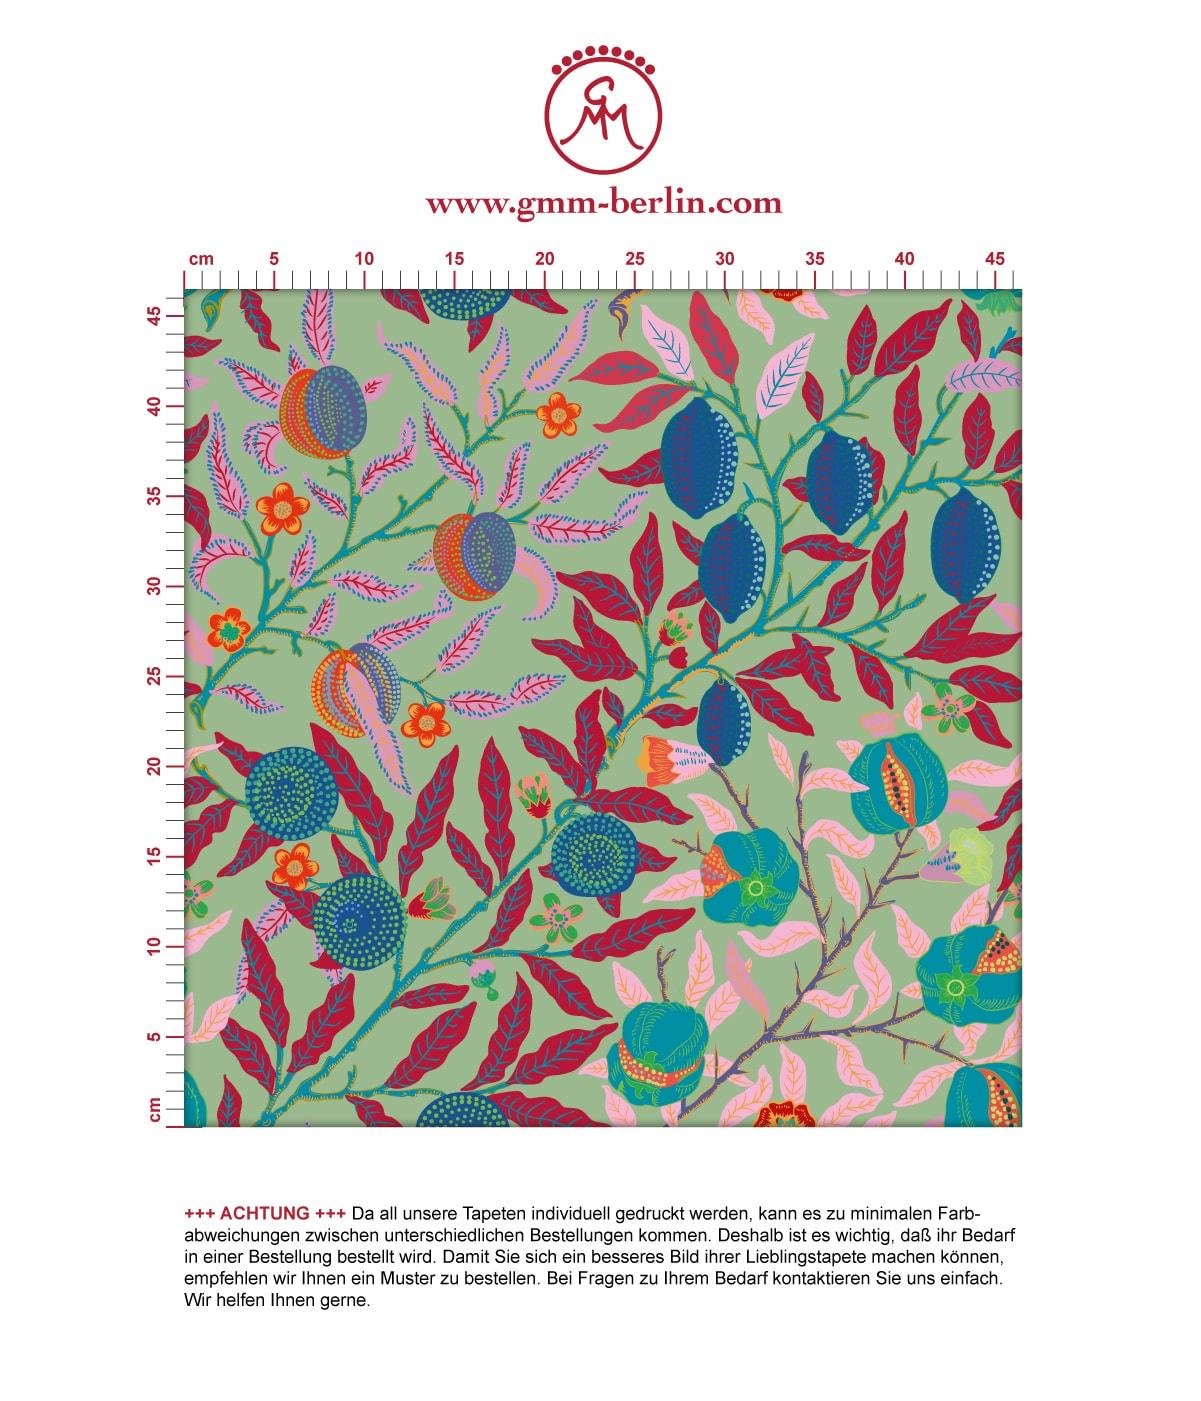 """Designer Jugendstil Tapete """"Granatapfel Baum"""" nach William Morris, grüne Vlies Tapete Blumen Natur, schöne Blumentapete für Flur, Büro  2"""